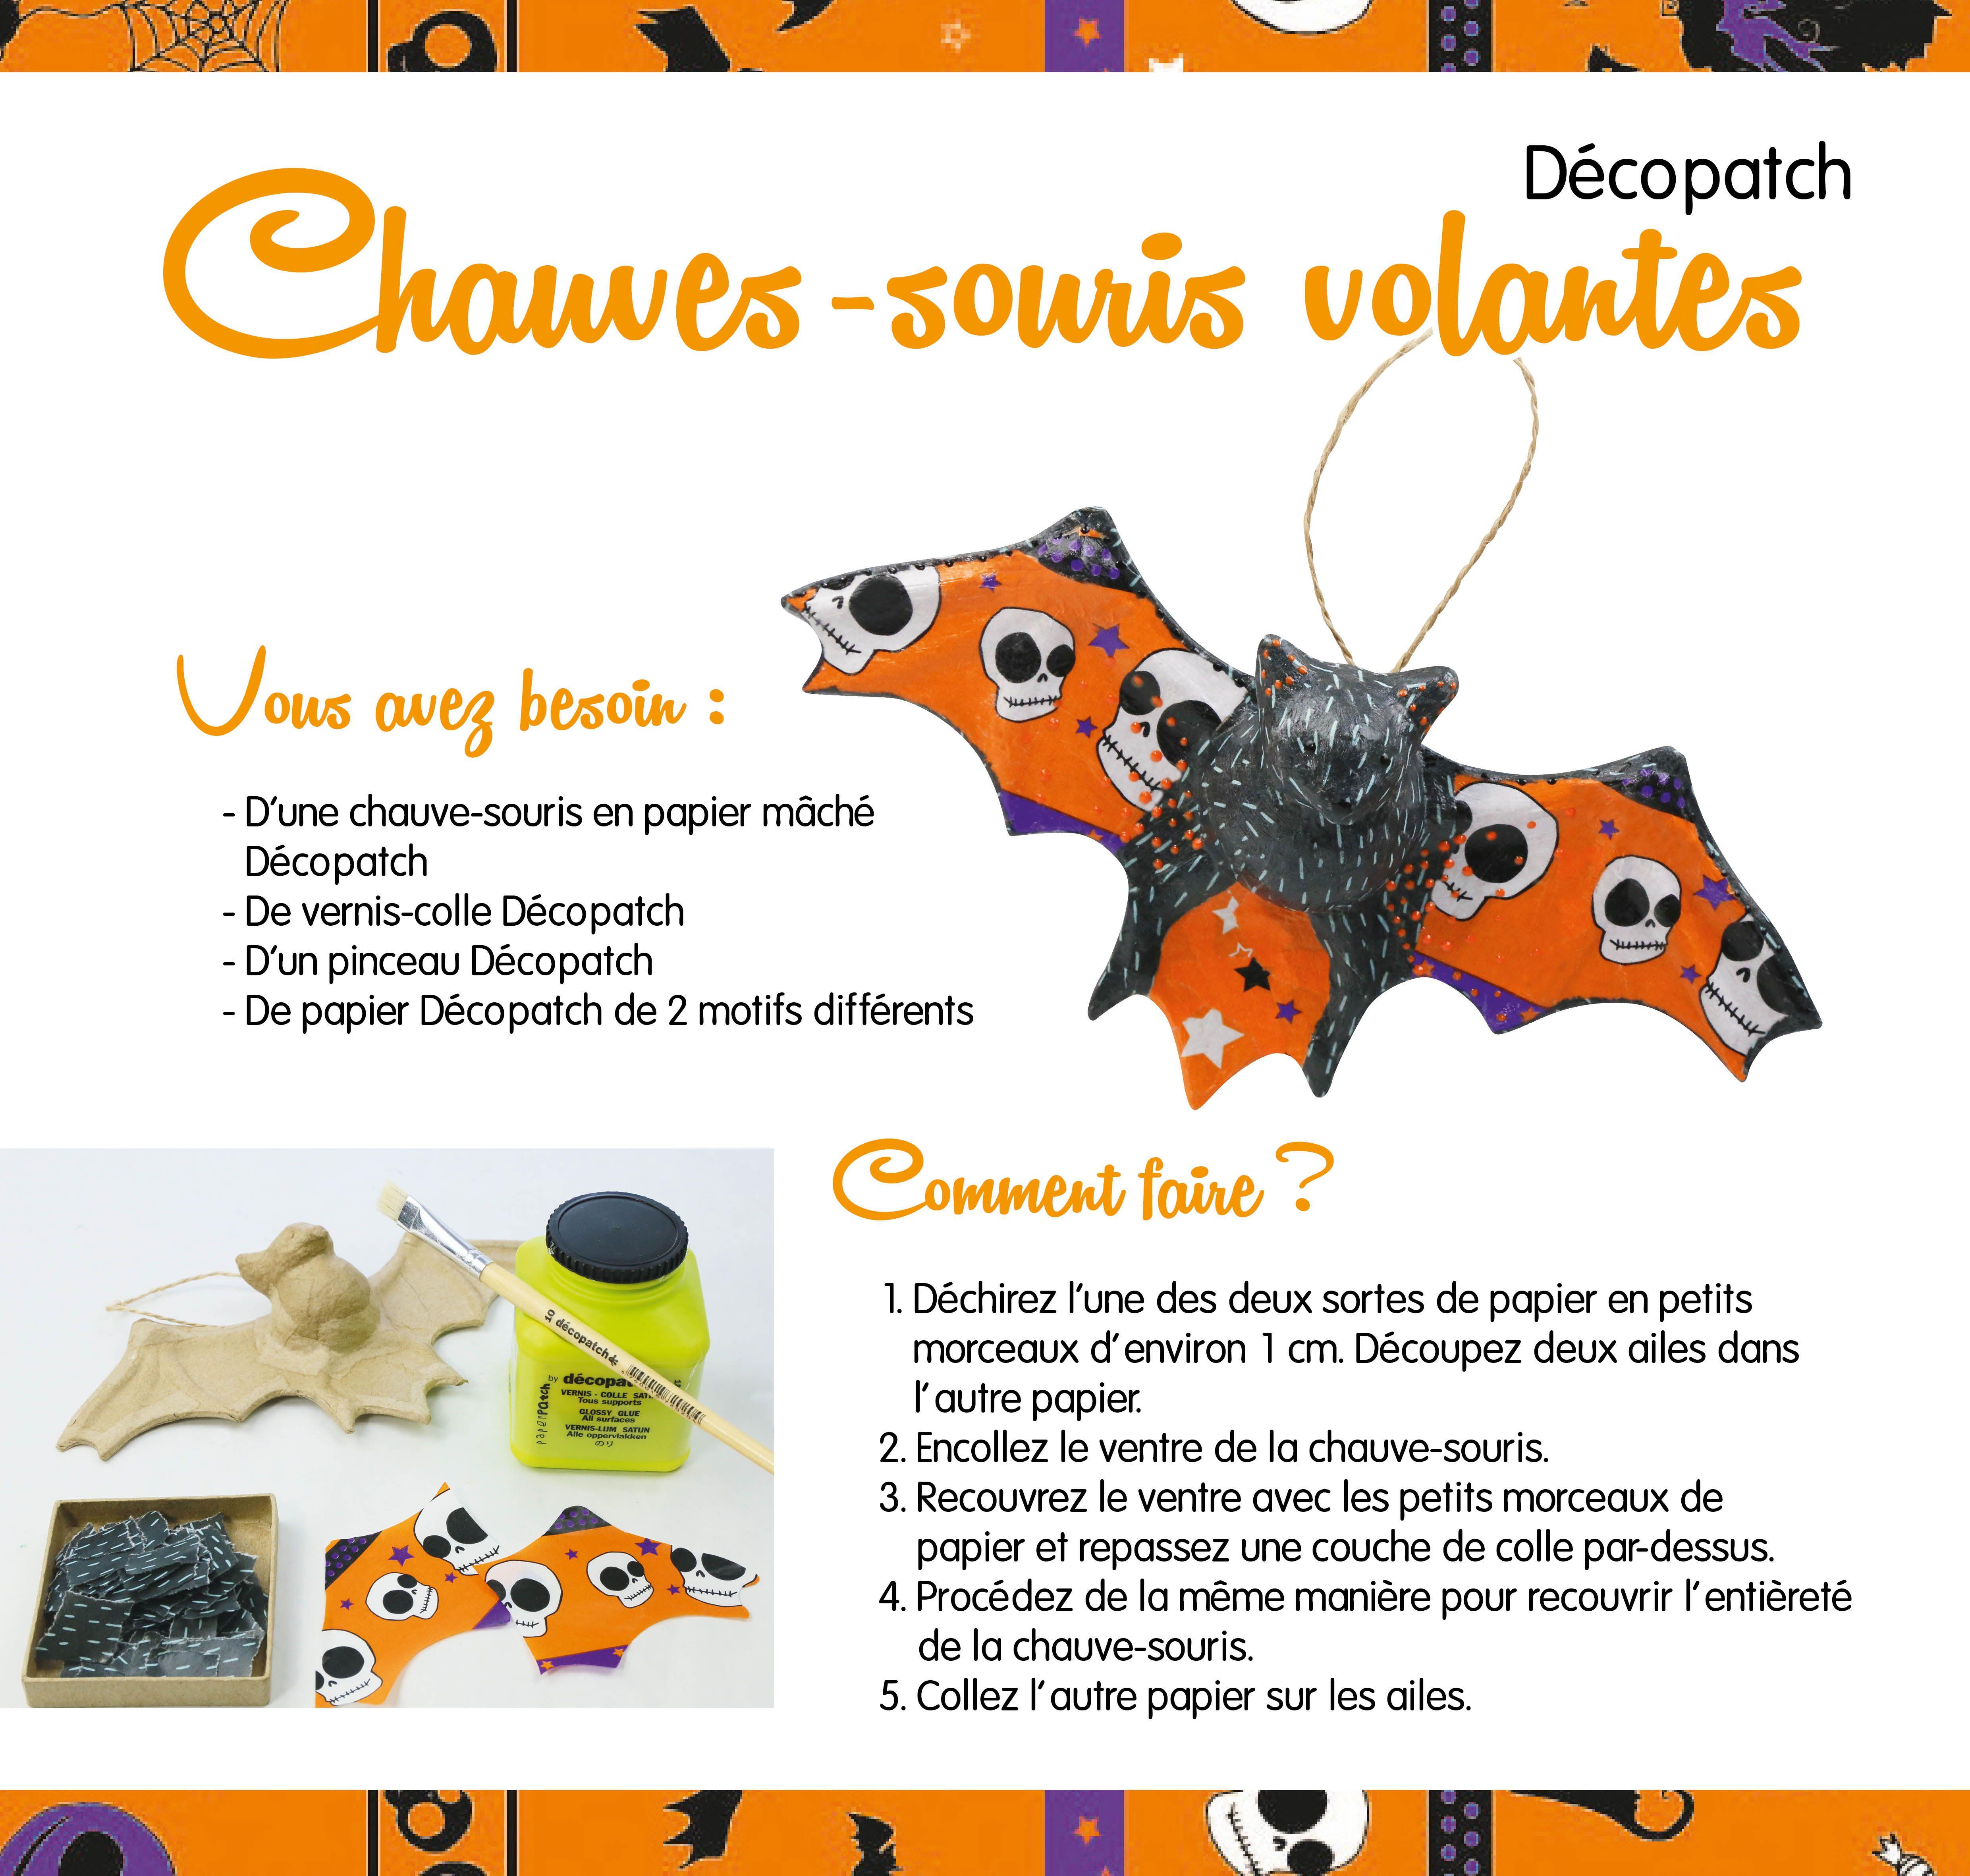 Fabriquez avec les enfants une chauve-souris d'Halloween. Avec l'assortiment Décopatch, rien de plus facile. Baptiserez-vous aussi la chauve-souris d'un nom effrayant ? #bricoler #diy #halloween #decopatch #AVA